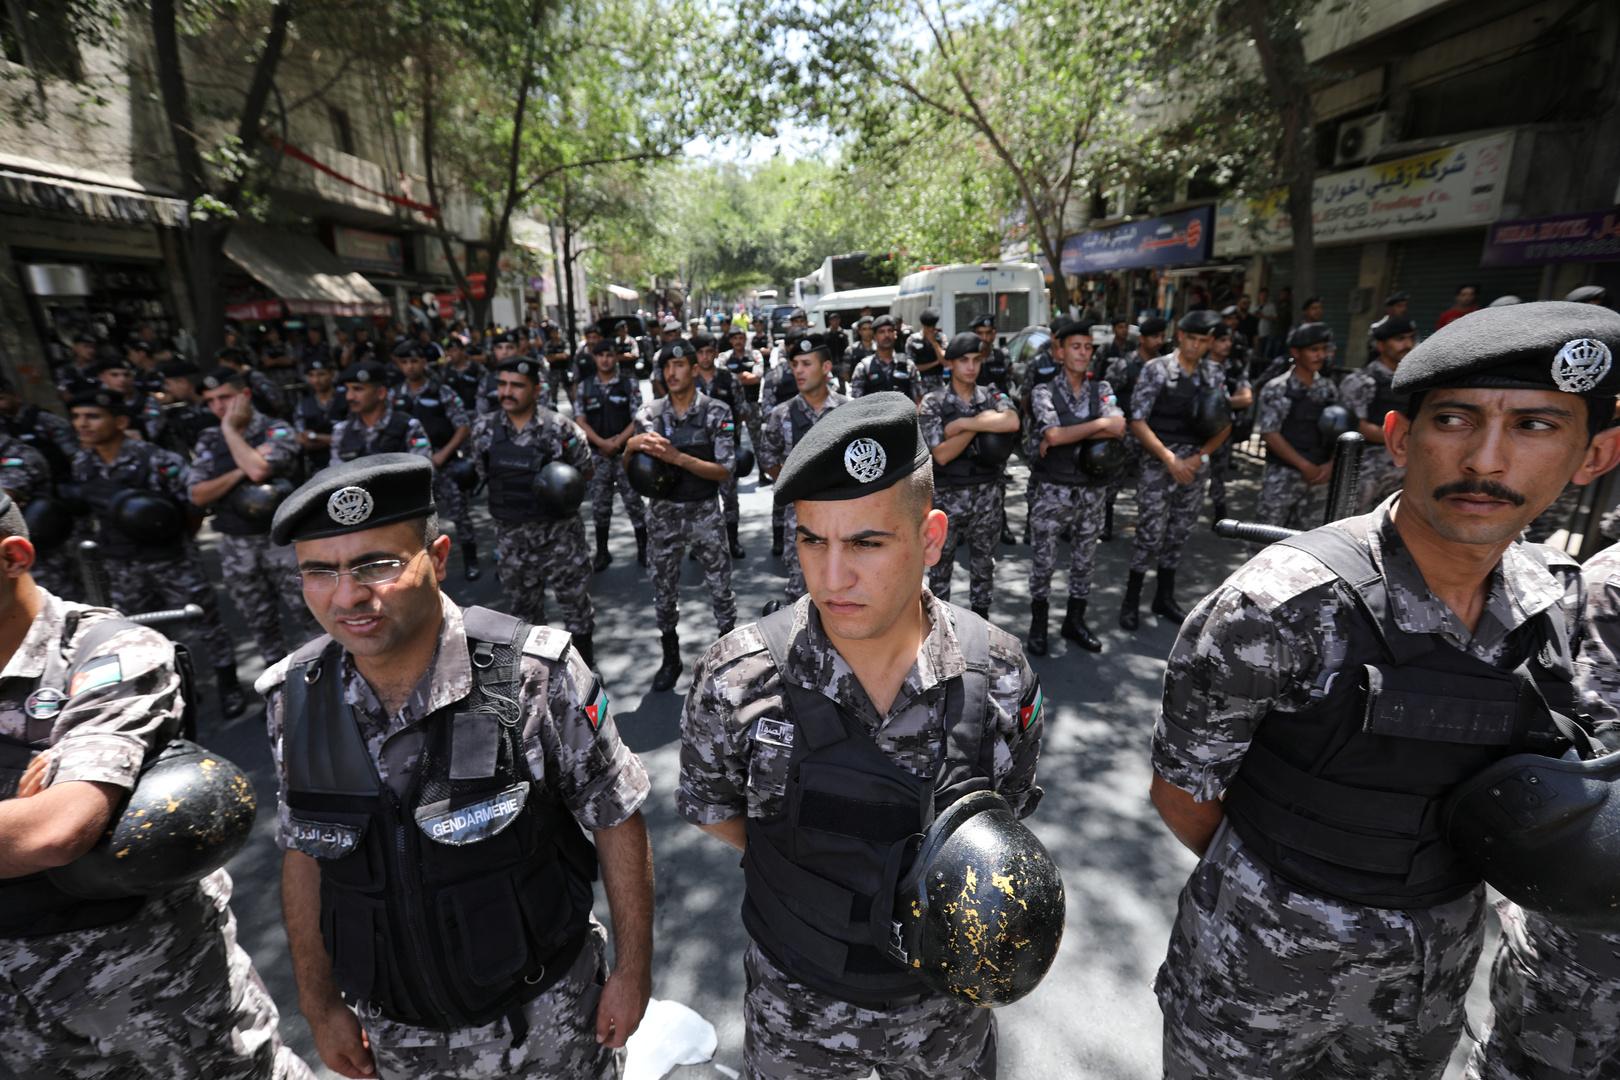 الأردن.. إحباط عمليات إرهابية استهدفت موظفين في سفارتي واشنطن وتل أبيب